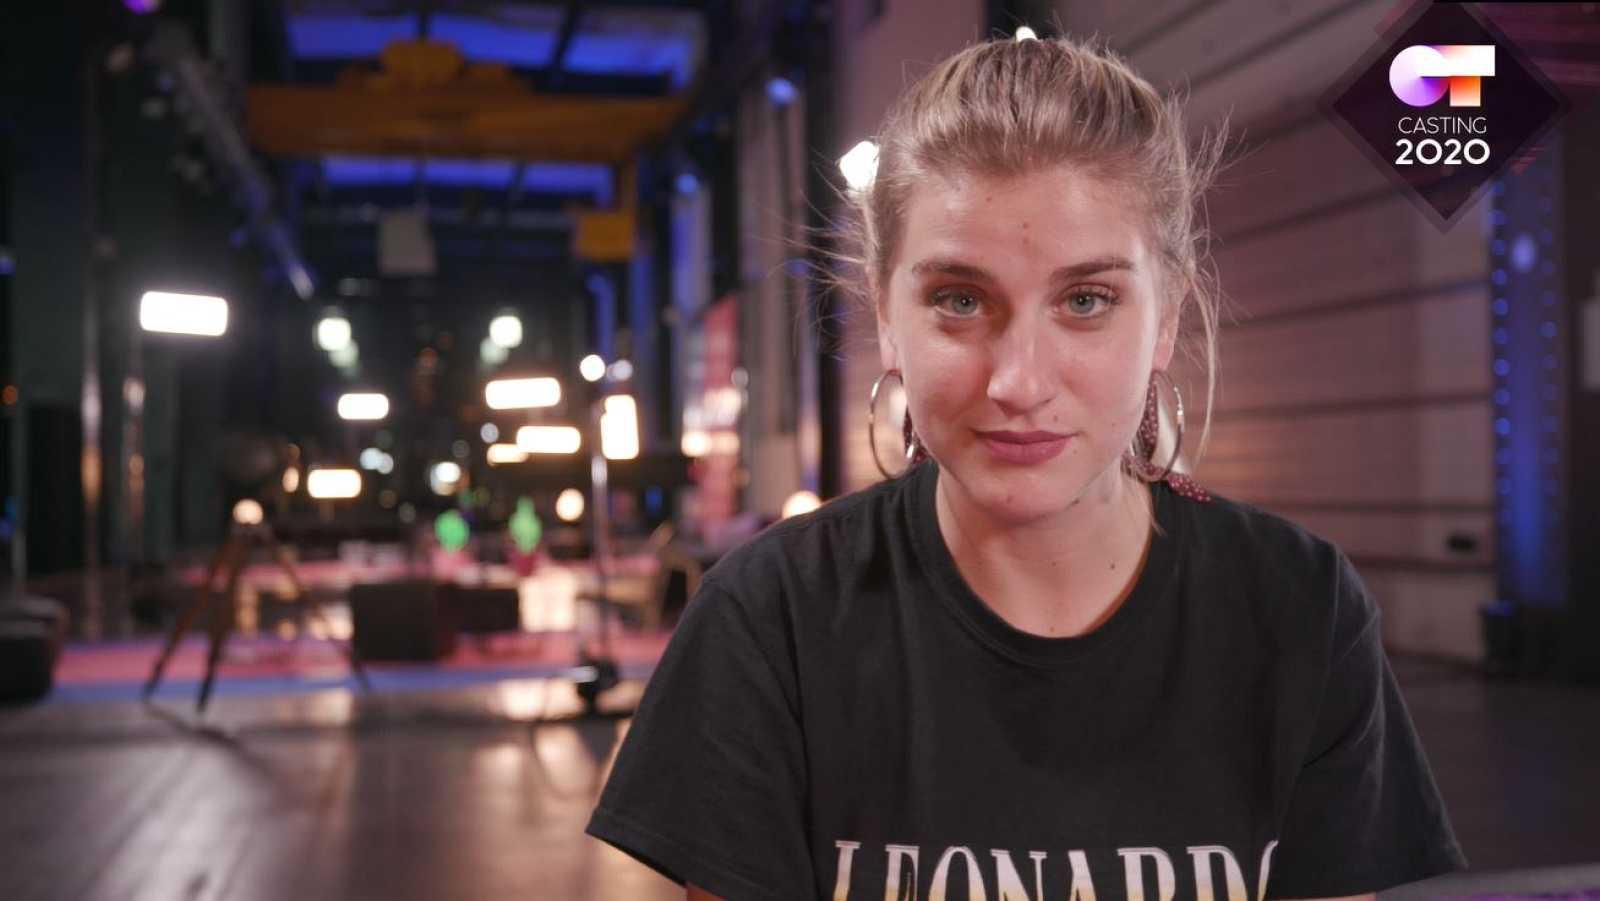 Samantha, la finalista de OT 2020 que se perdería en Beverly Hills buscando a Leonardo DiCaprio, responde a las 20 preguntas de OT 2020